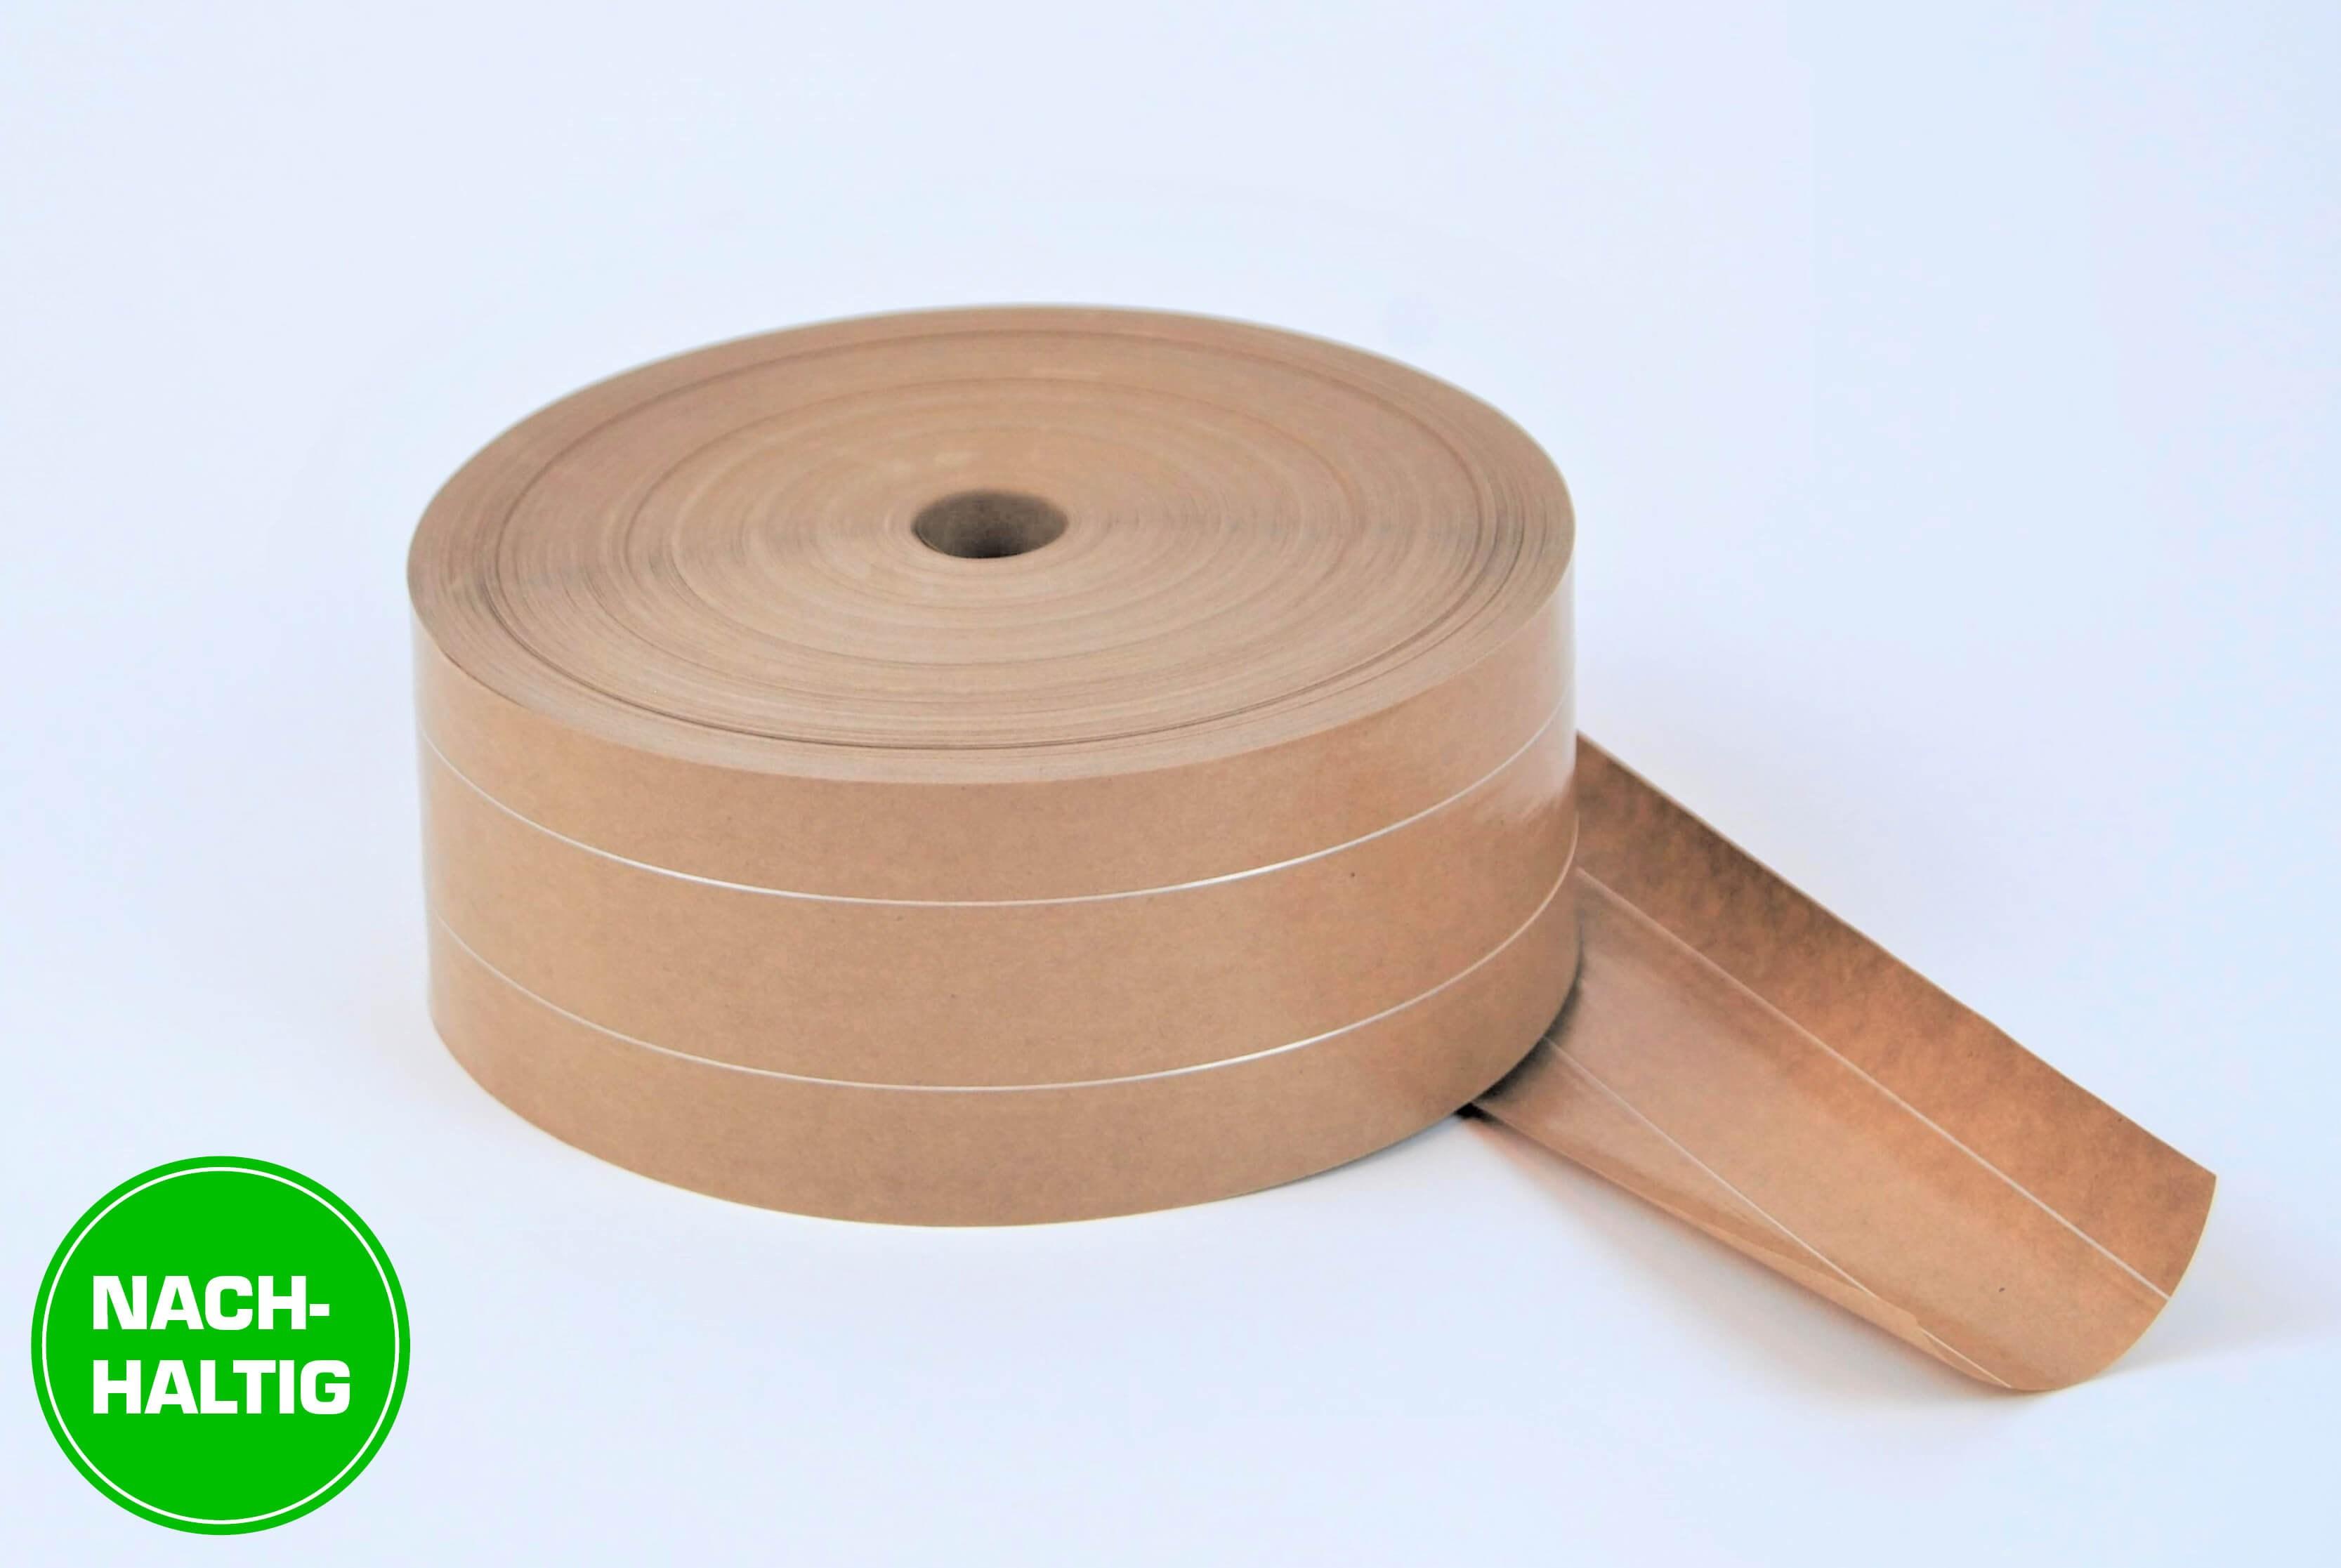 Nachhaltige Nassklebestreifen aus Papier mit 2-facher Fadenverstärkung